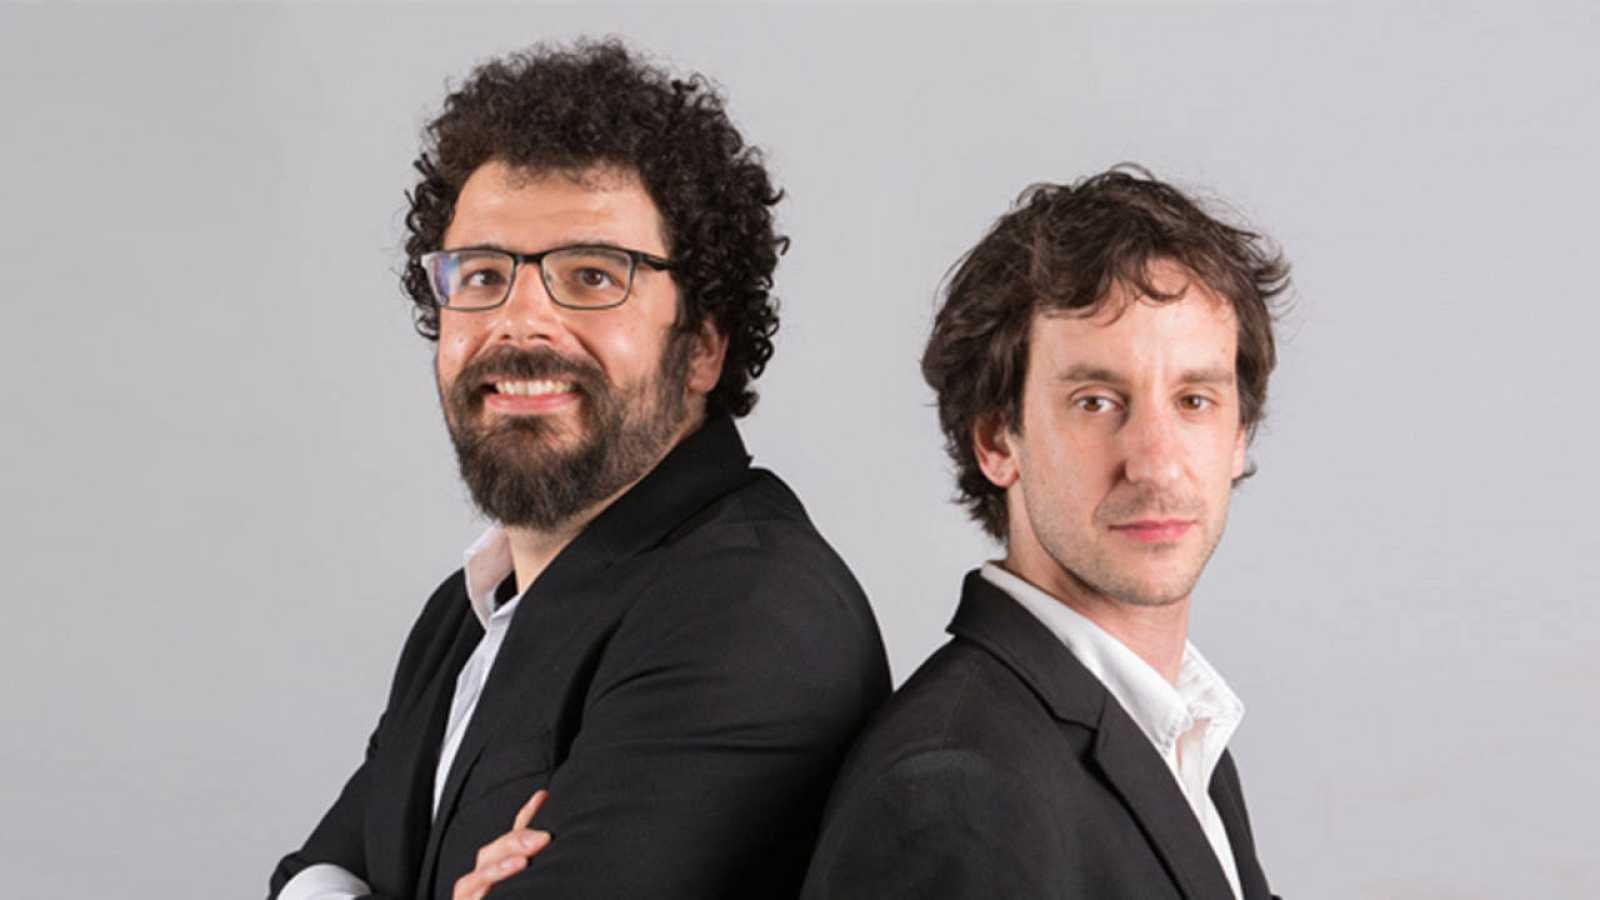 Los fundadores de Muon Systems Pablo Martínez y Carlos Díez.